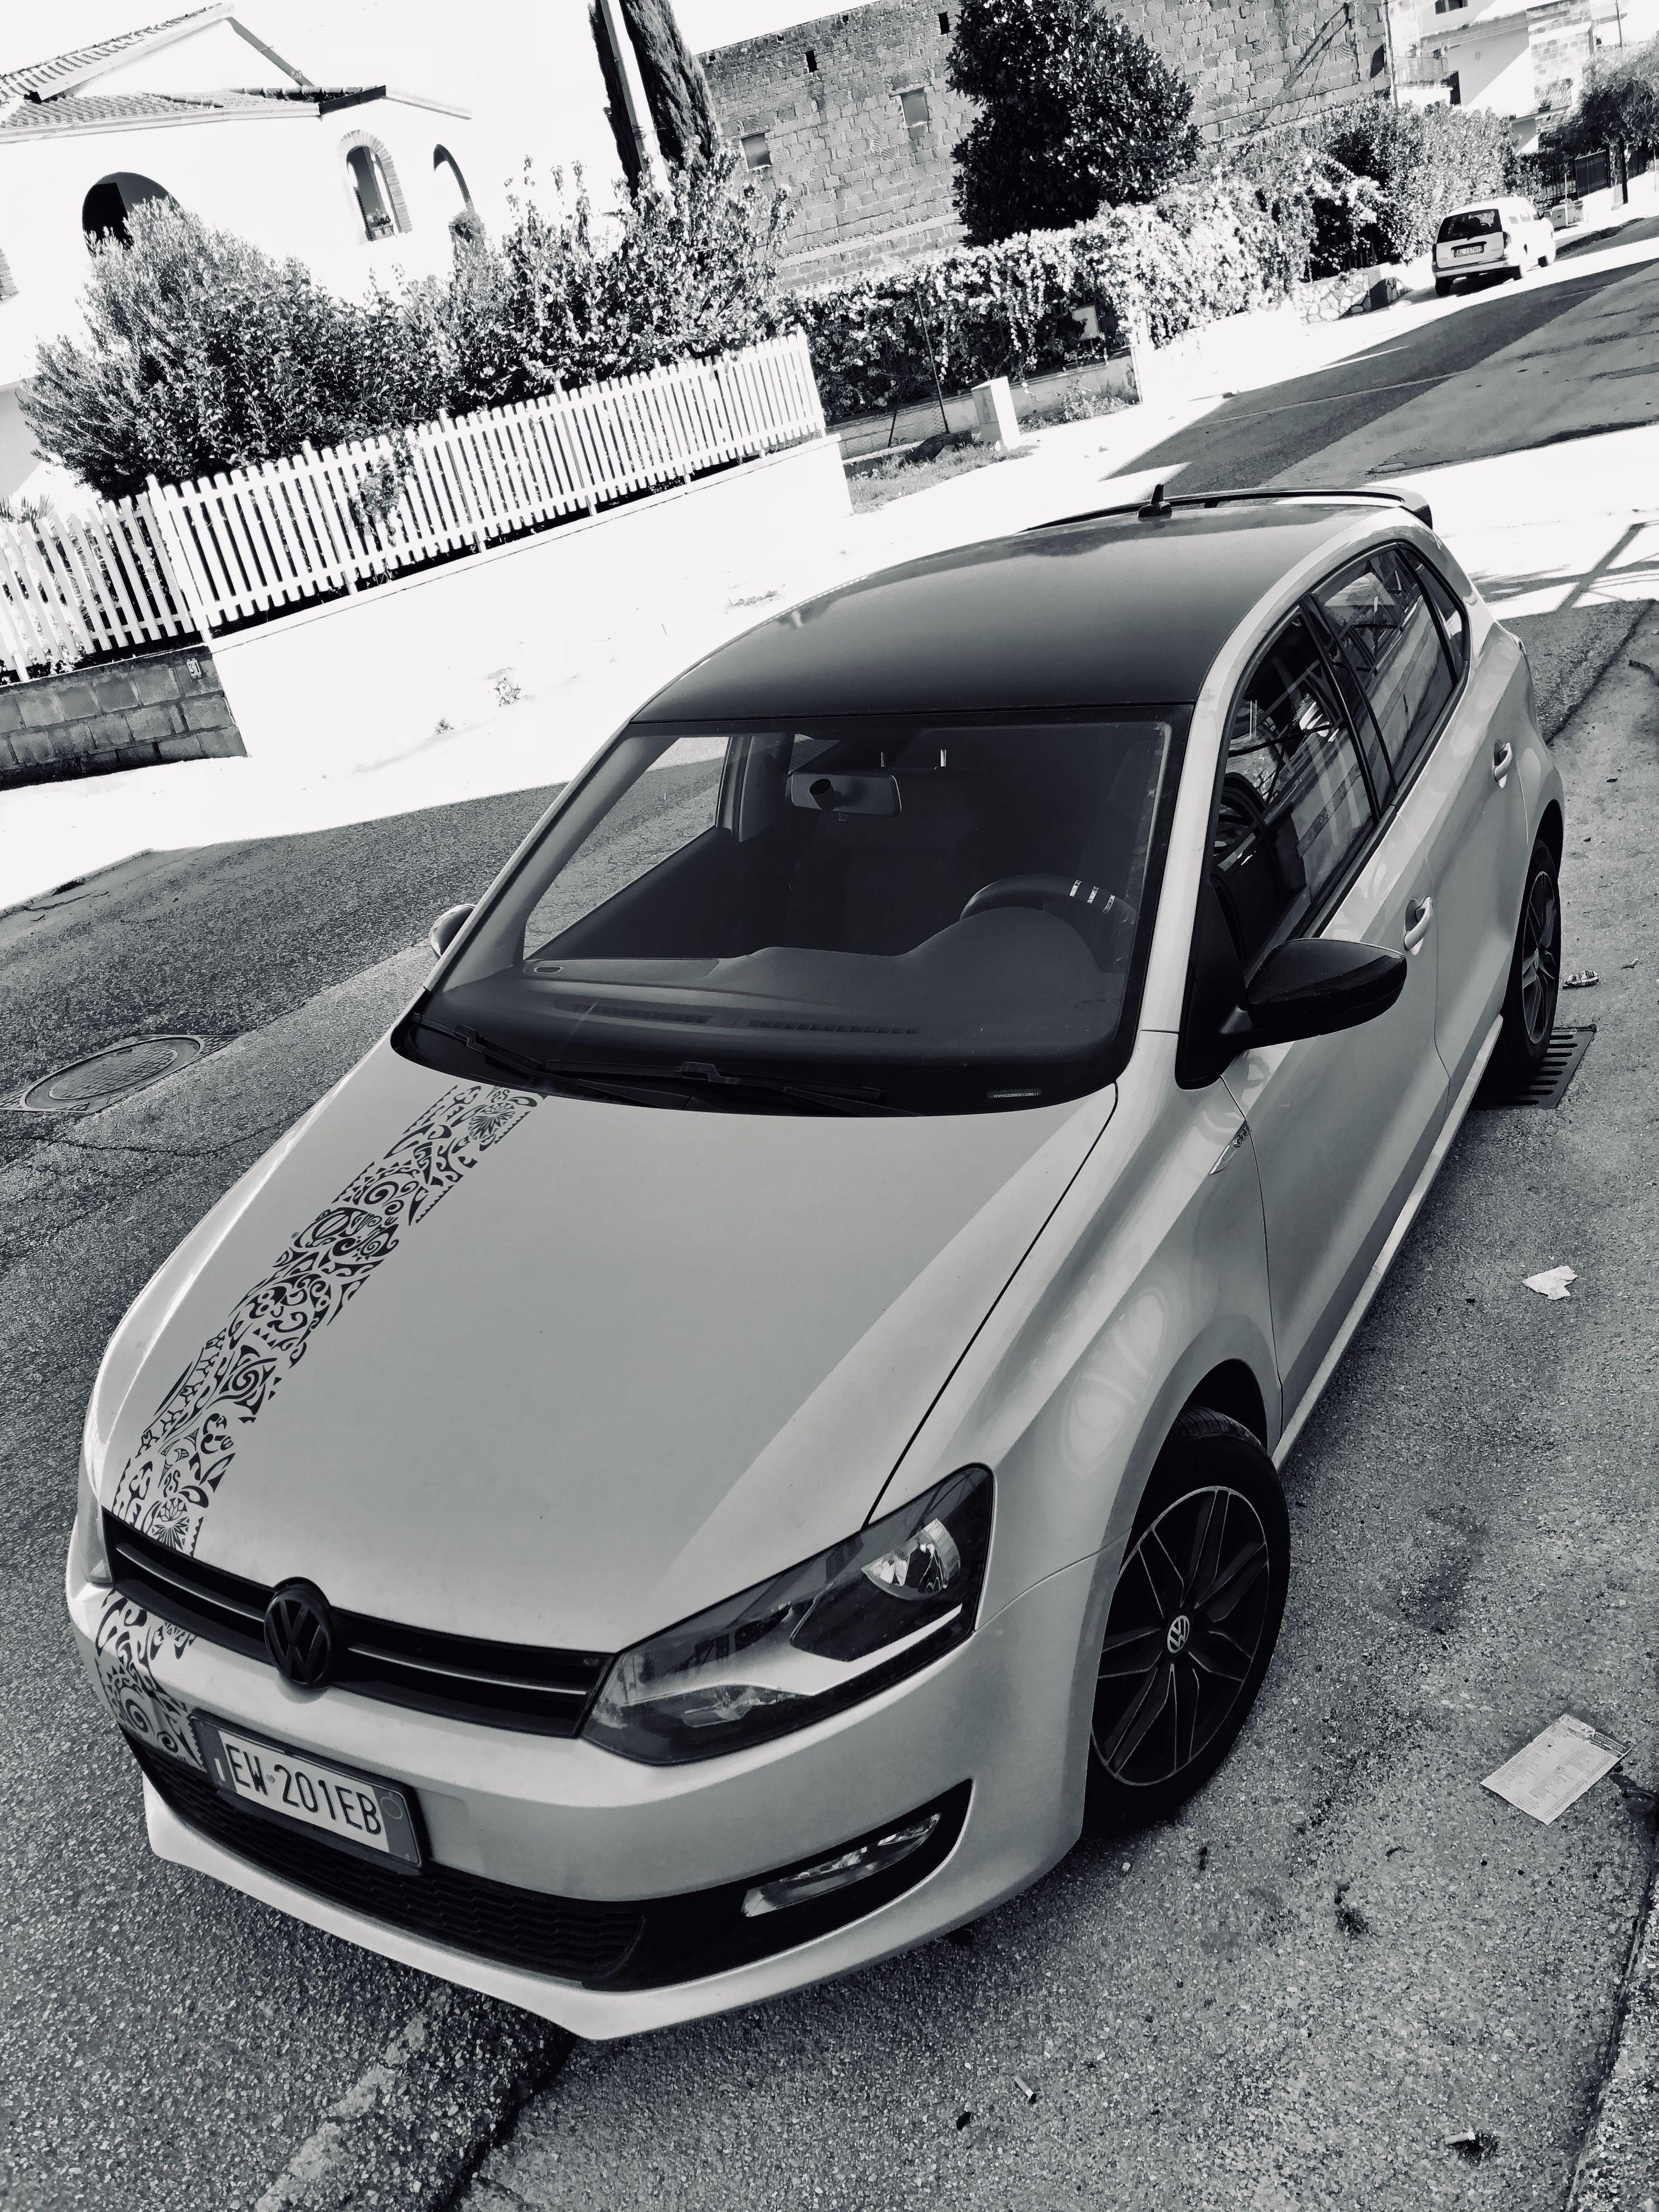 Volkswagen Polo 6r Limited Vinilos Para Autos Stickers Para Autos Volkswagen Vento [ 4032 x 3024 Pixel ]